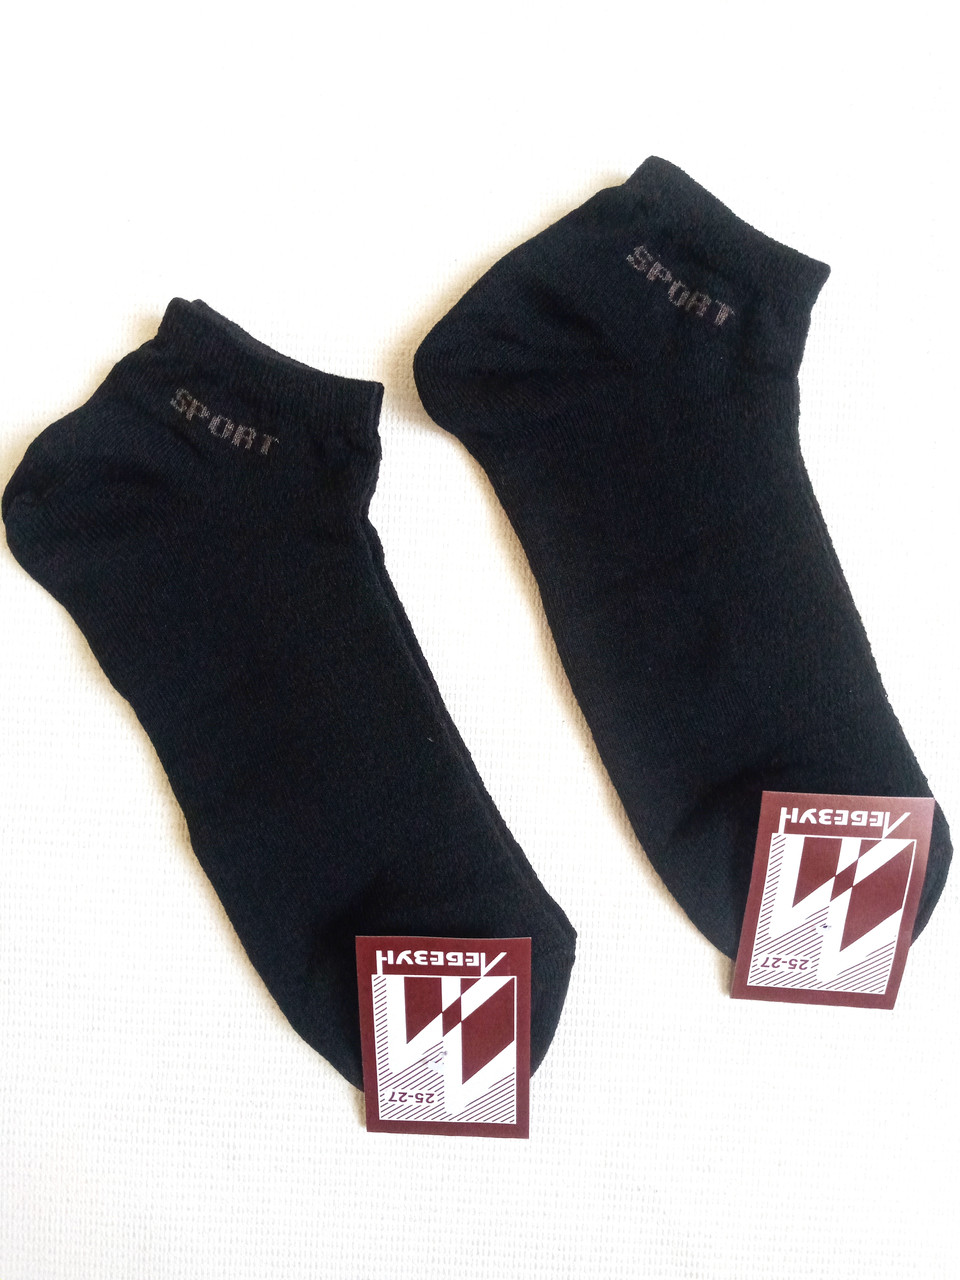 Носки мужские вставка сеточка р.25-27 хлопок стрейч Украина.Цвет чёрный.От 10 пар по 6,50грн.